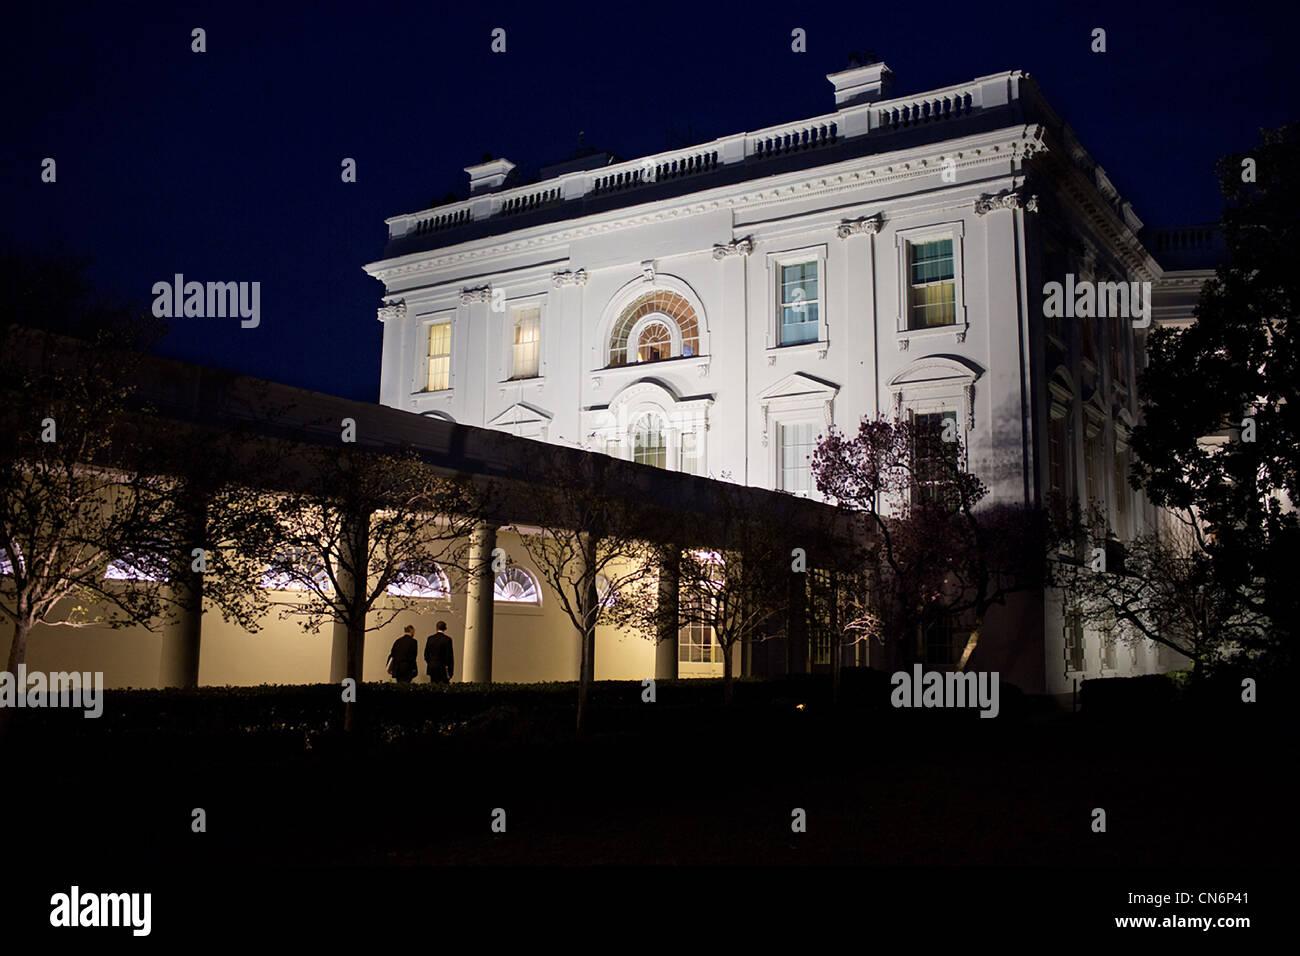 Präsident Barack Obama und National Security Advisor Tom Donilon entlang der Kolonnade des weißen Hauses Stockbild